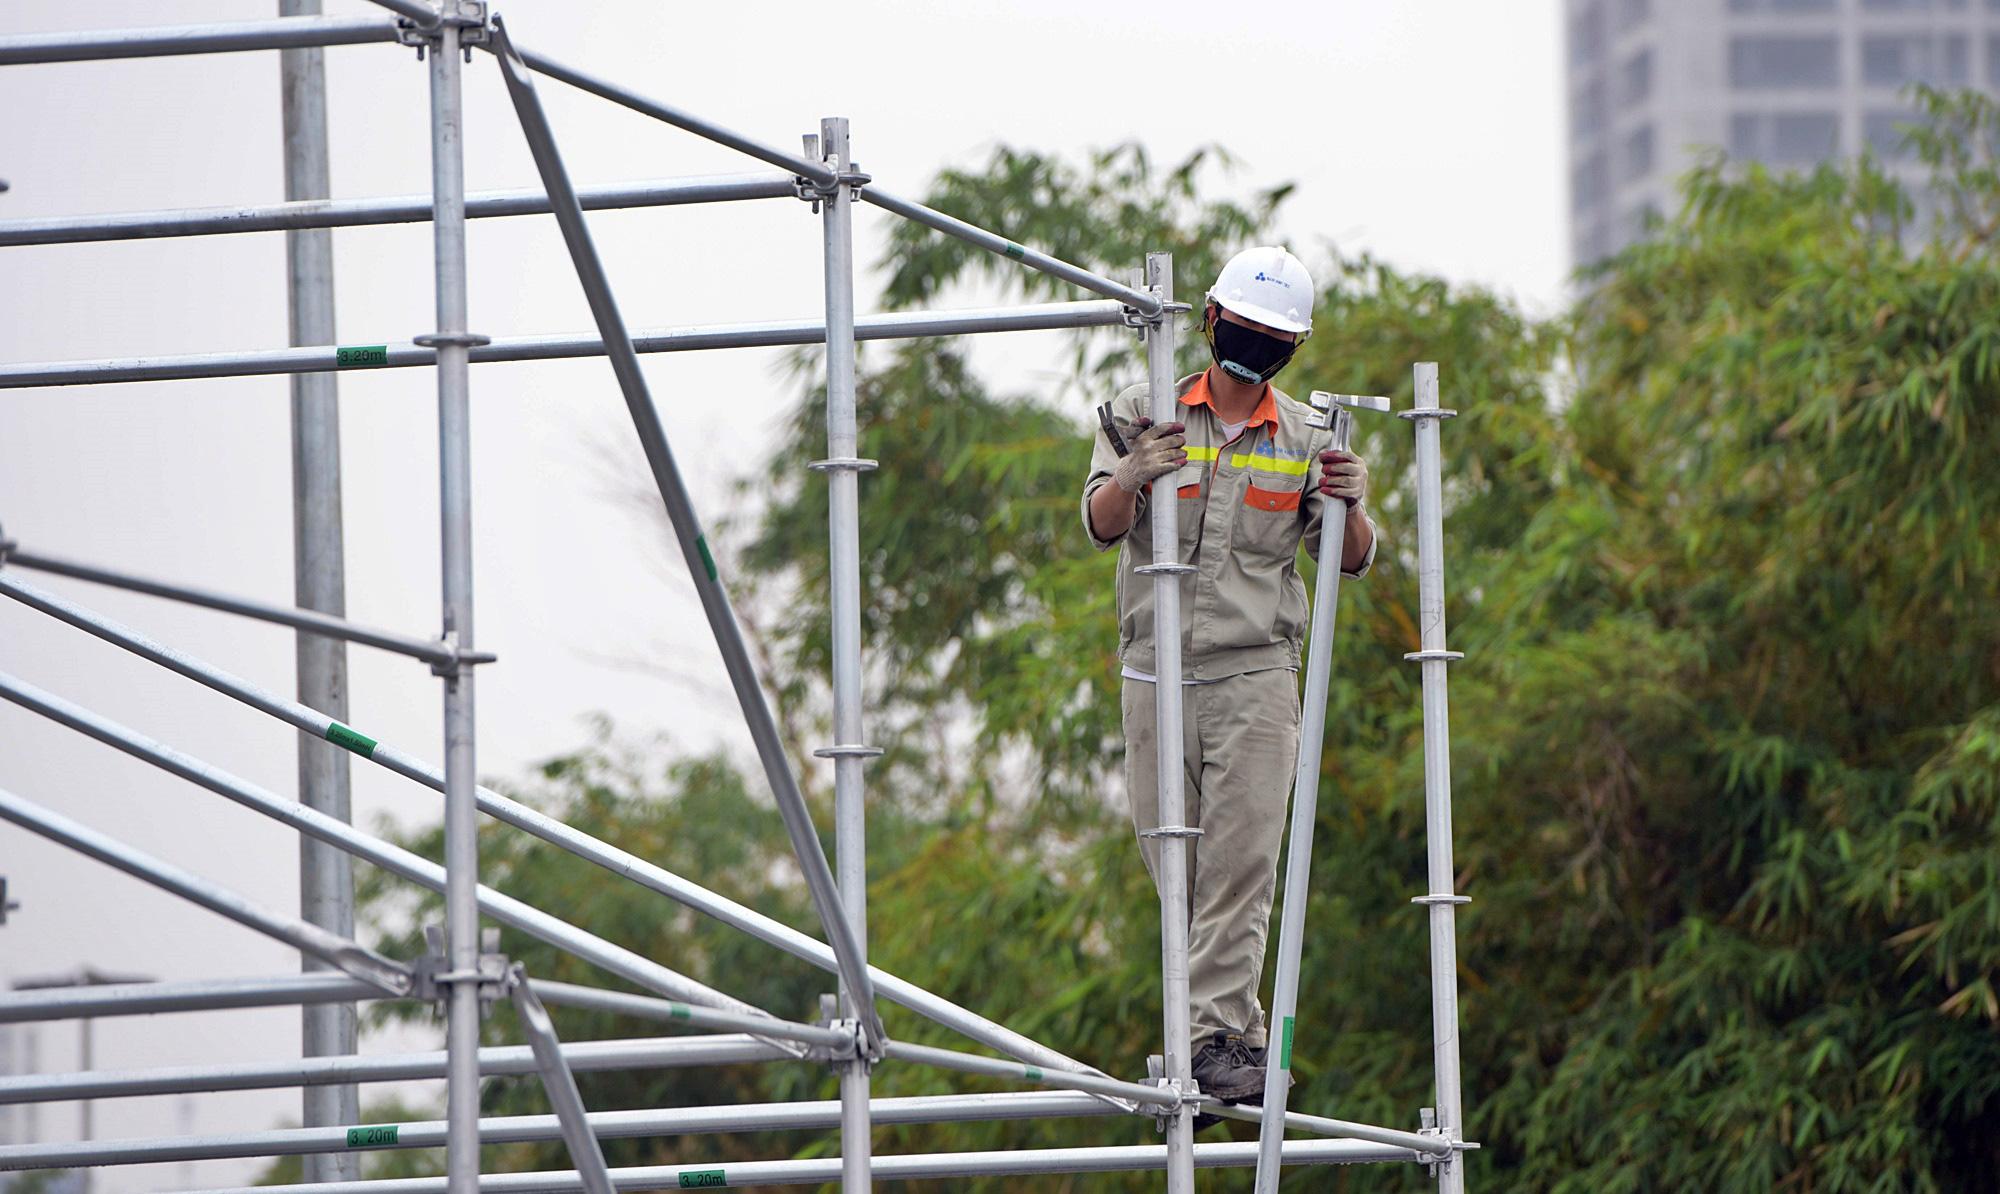 Hoãn đua F1 Hà Nội vì dịch Covid-19, khán đài di động bị tháo dỡ - Ảnh 10.